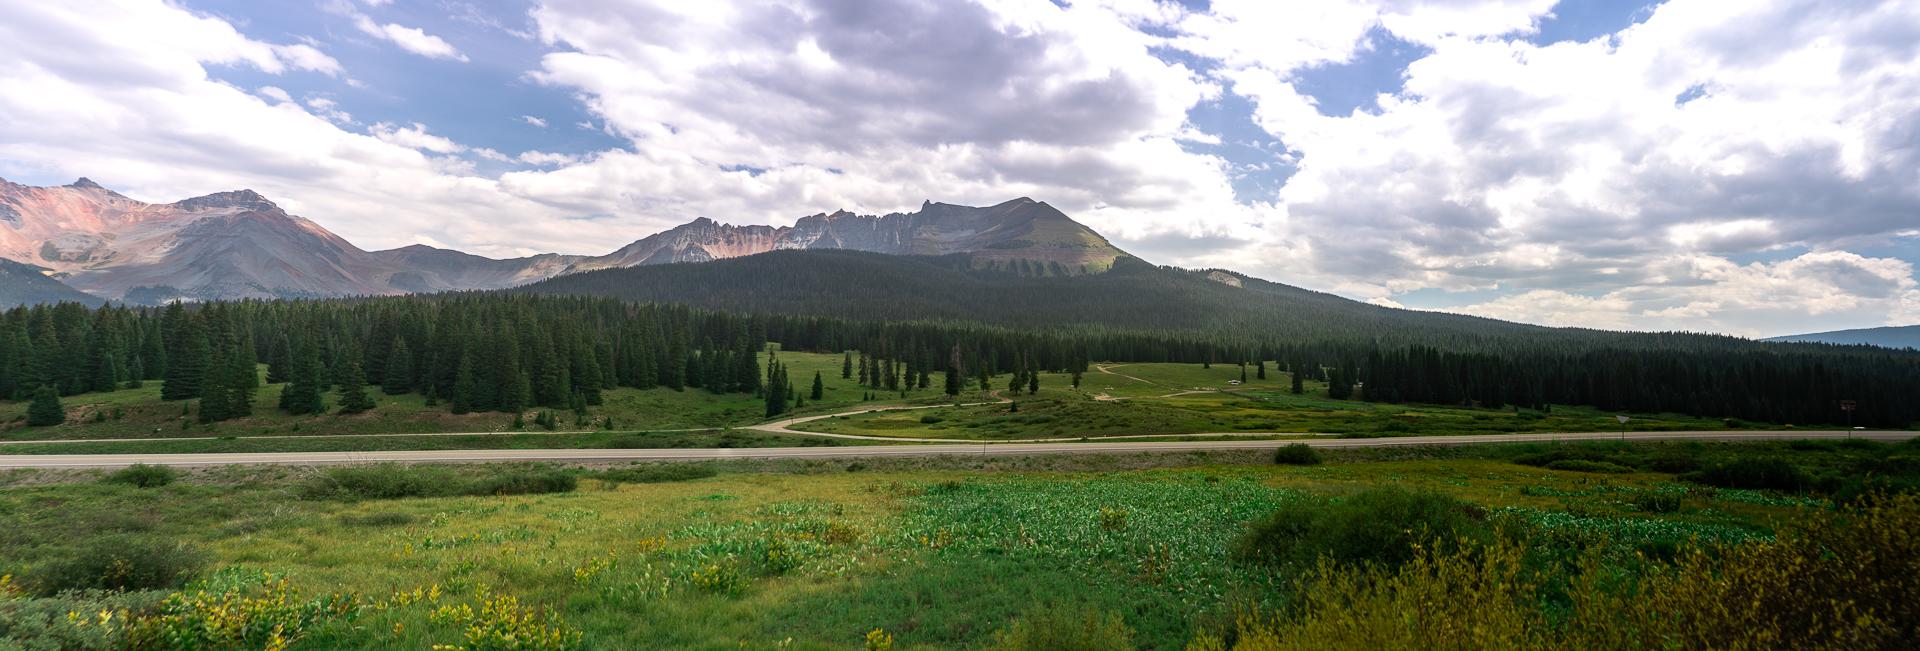 Panorama of Southern Colorado